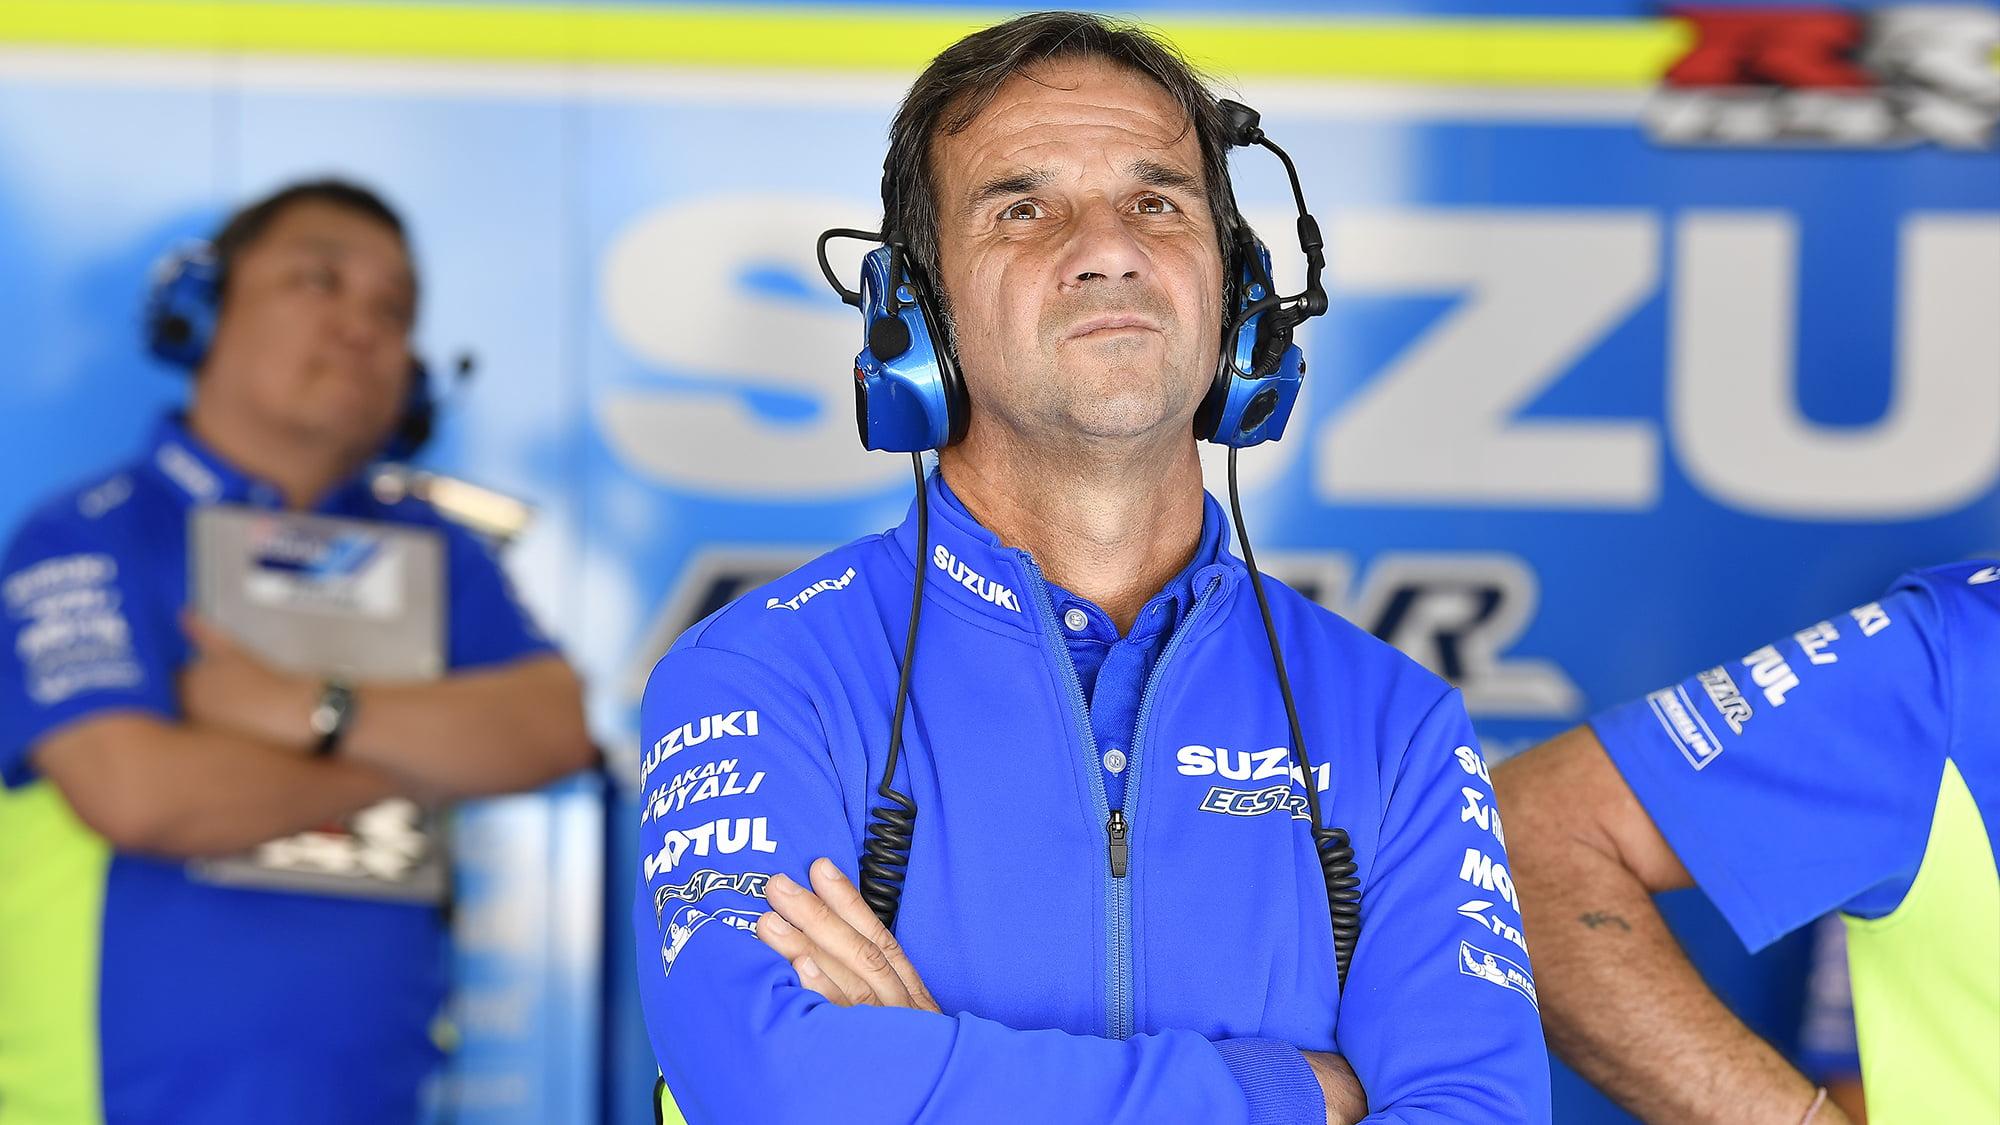 Davide Brivio es el nuevo director deportivo de Alpine F1